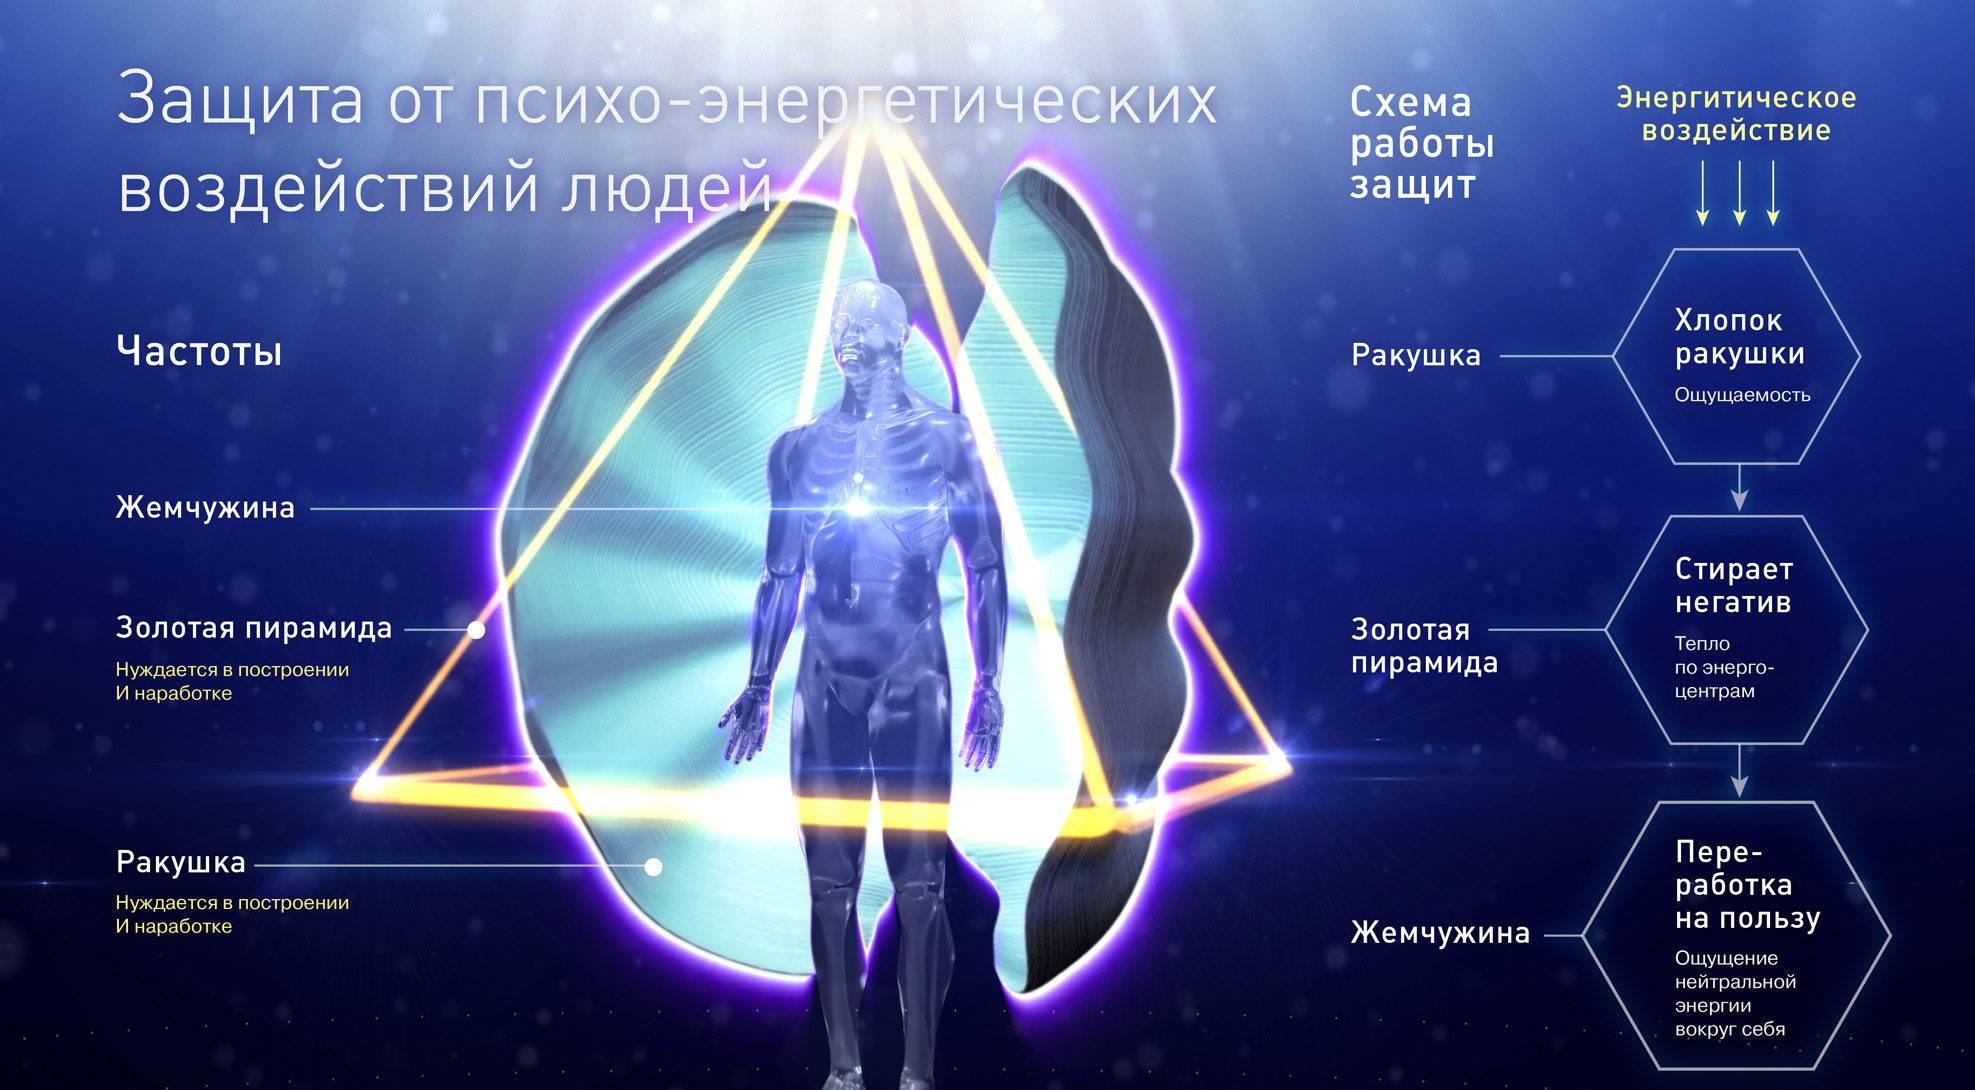 Энергия и силы человека, как восстановить